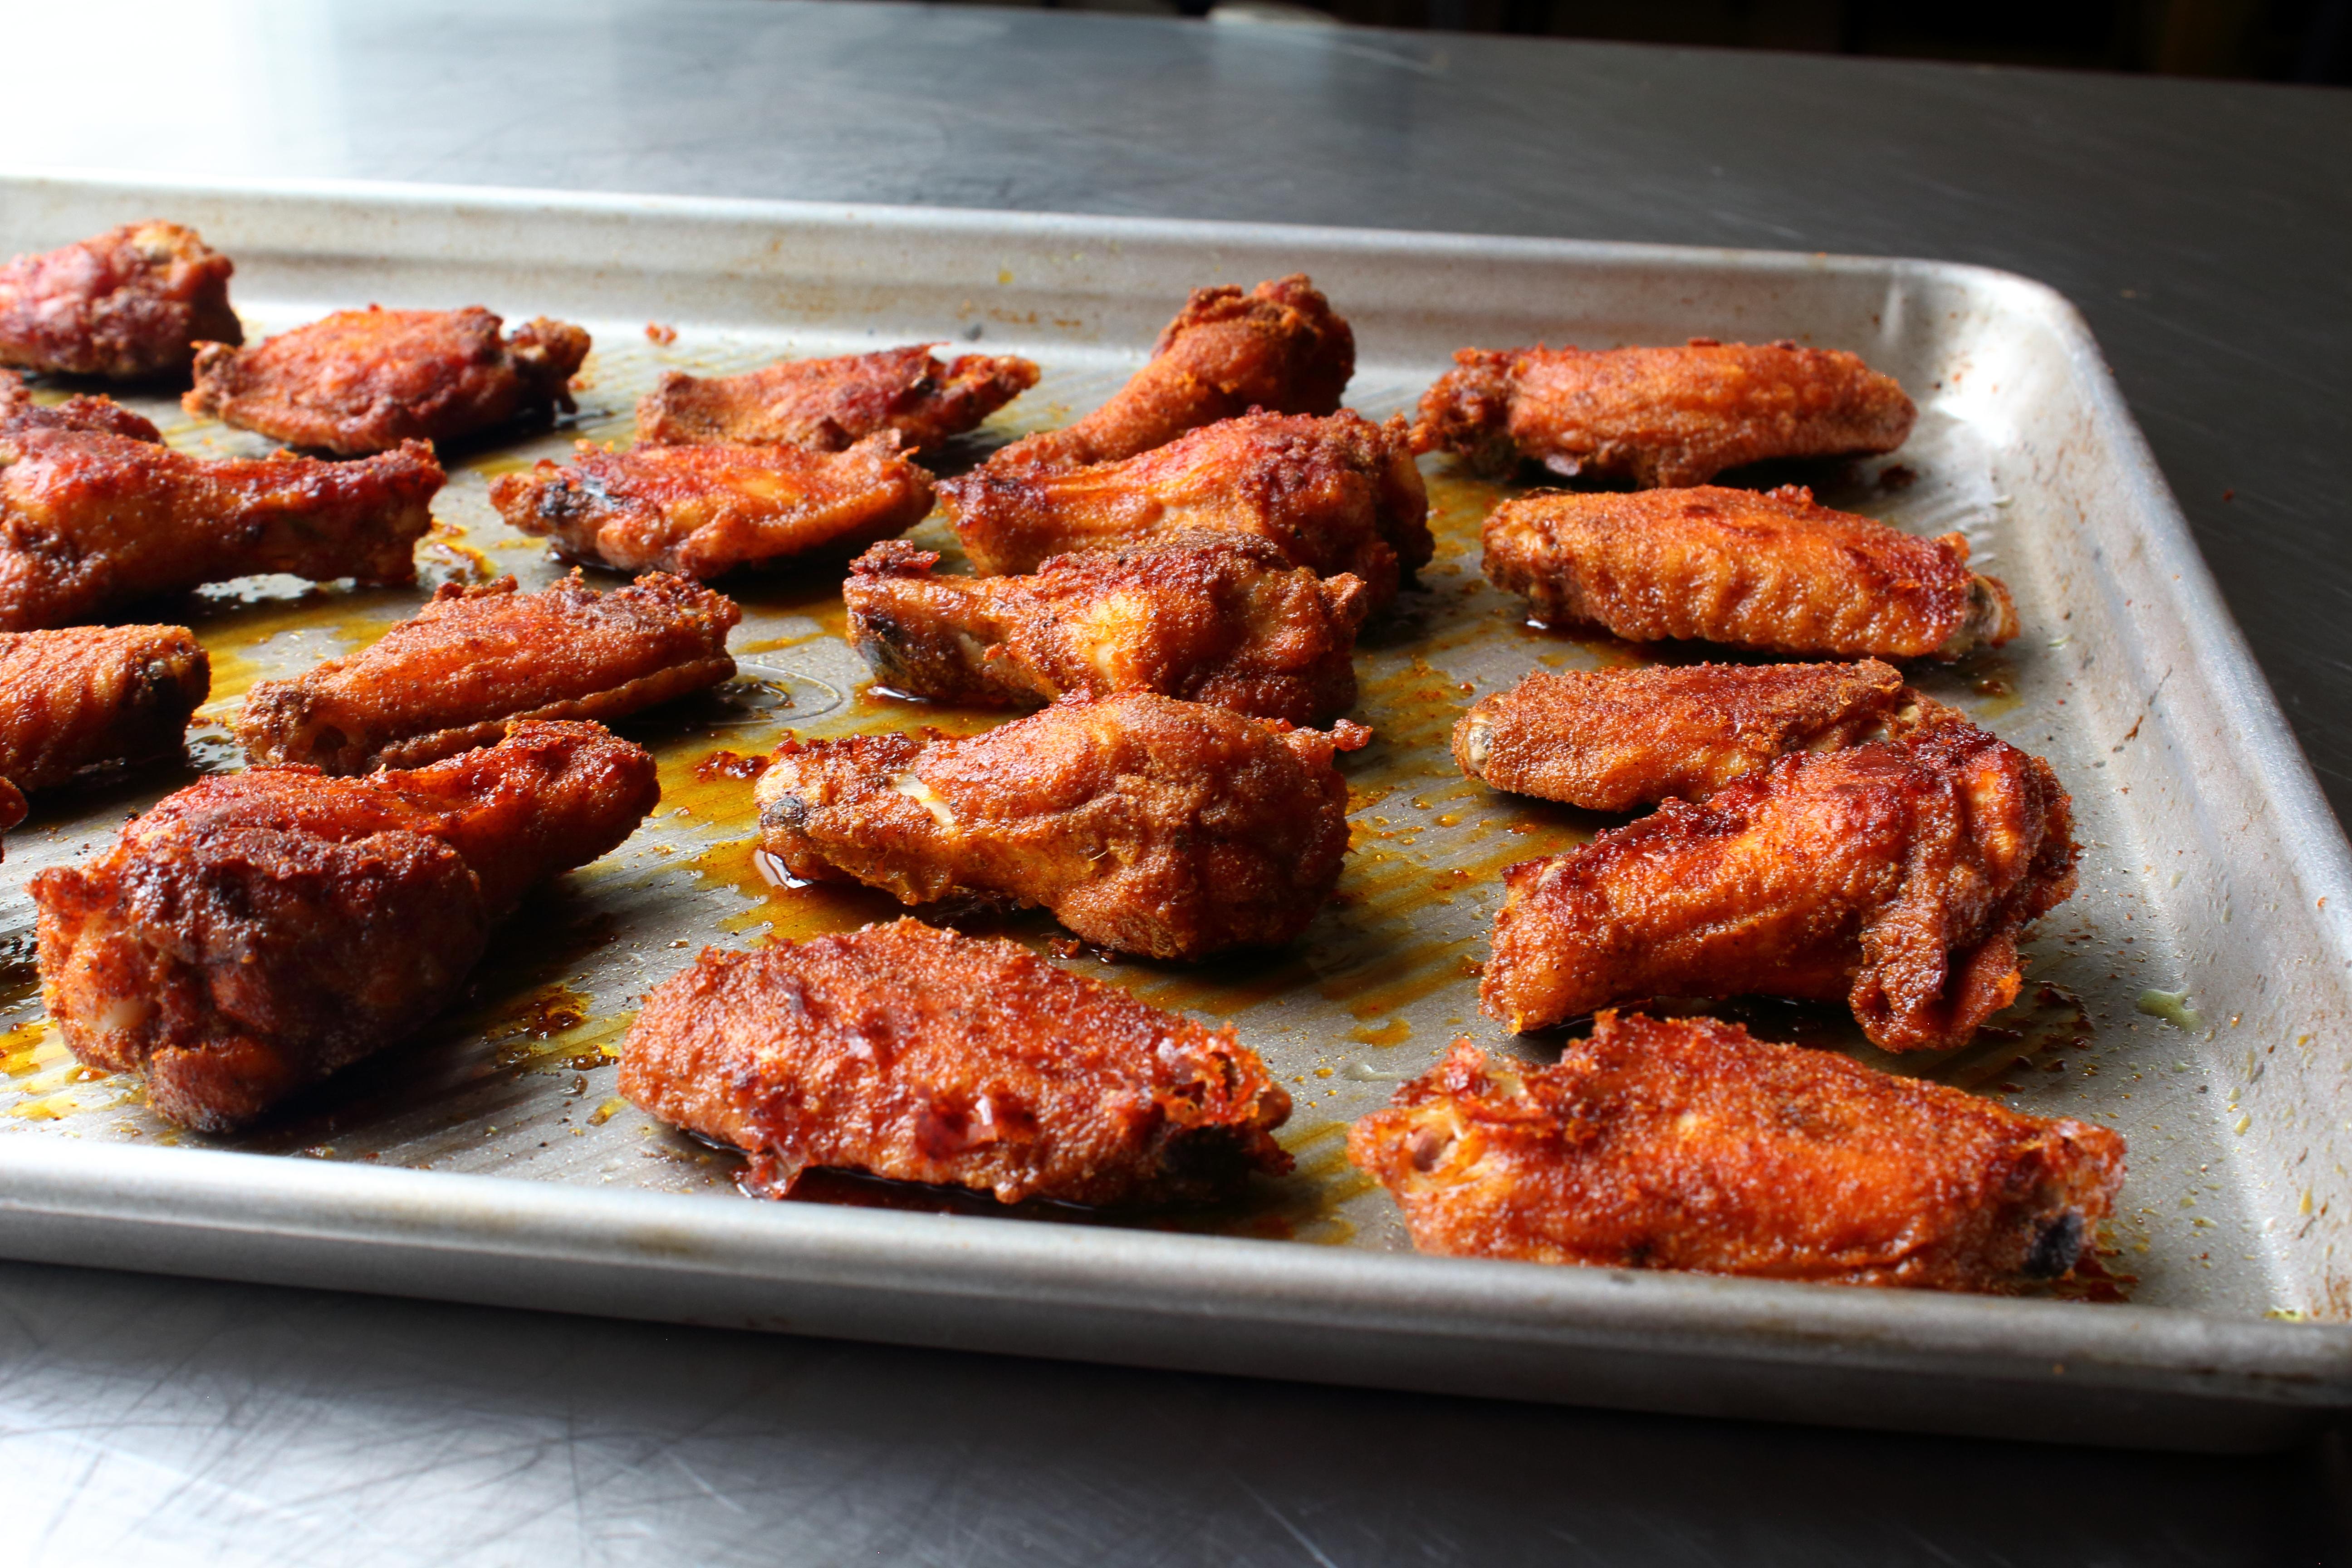 Chennai Chicken Wings Chef John